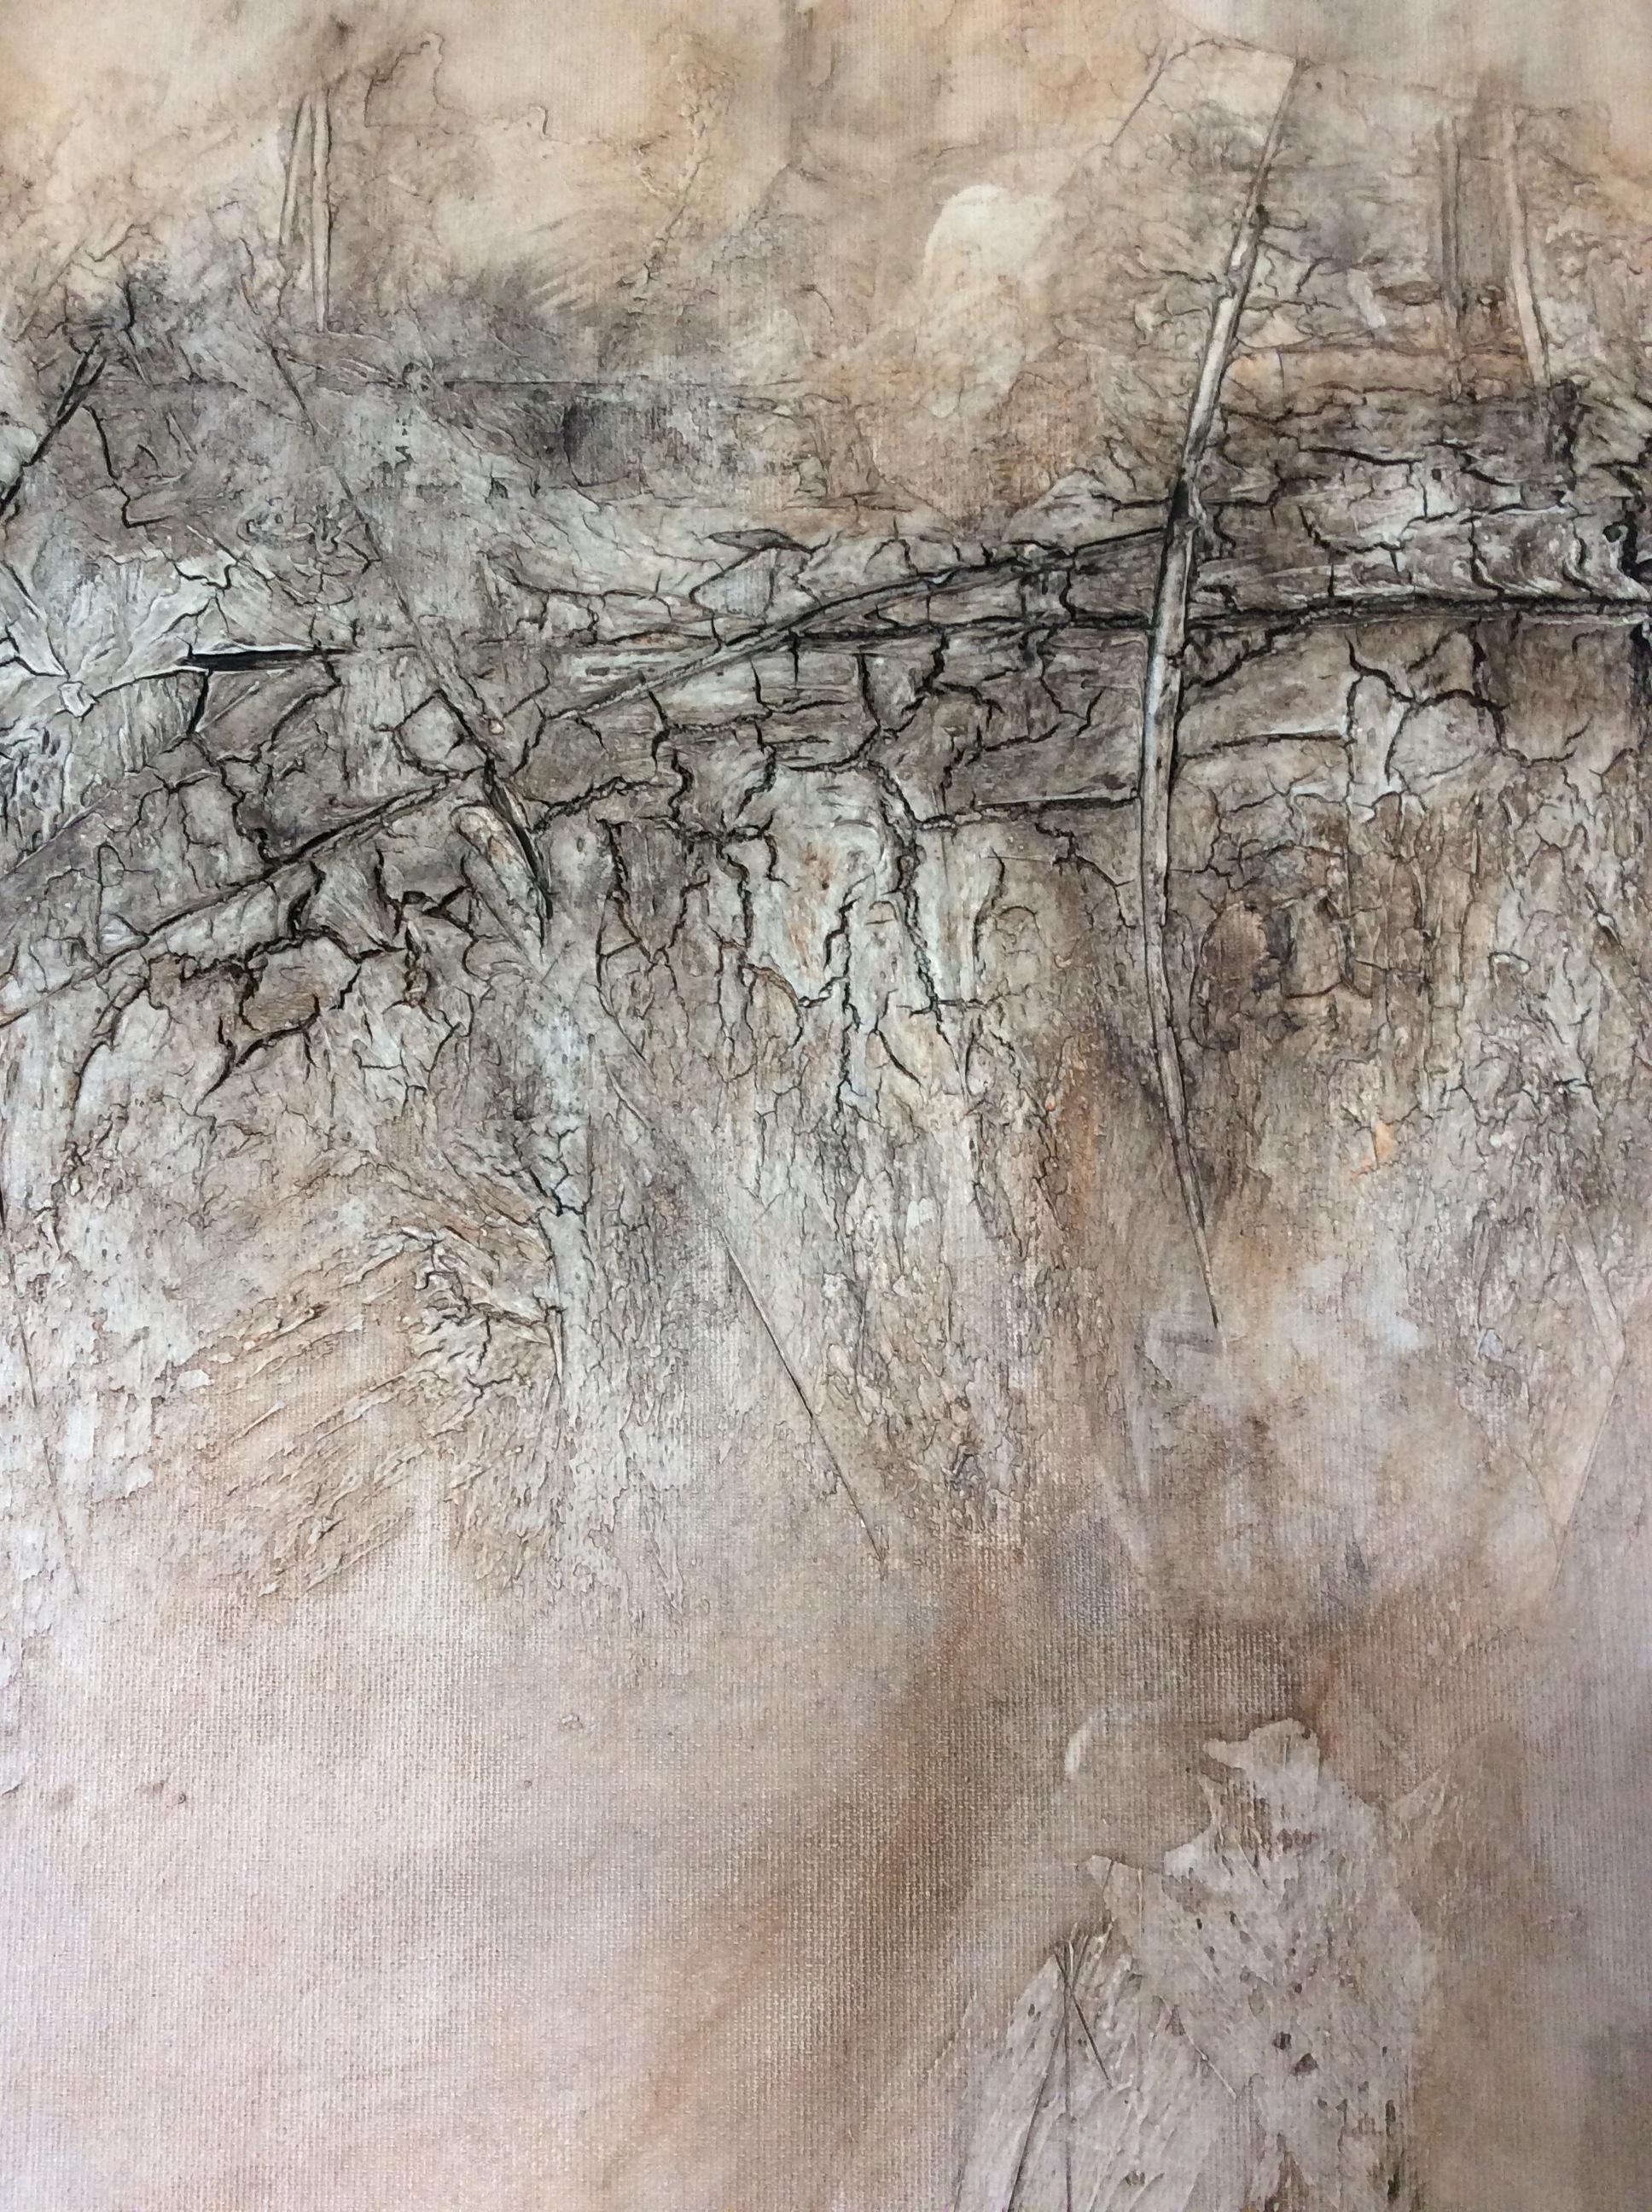 Interieur: Abstrakt schilderij met textuur in verschillende bruintinten